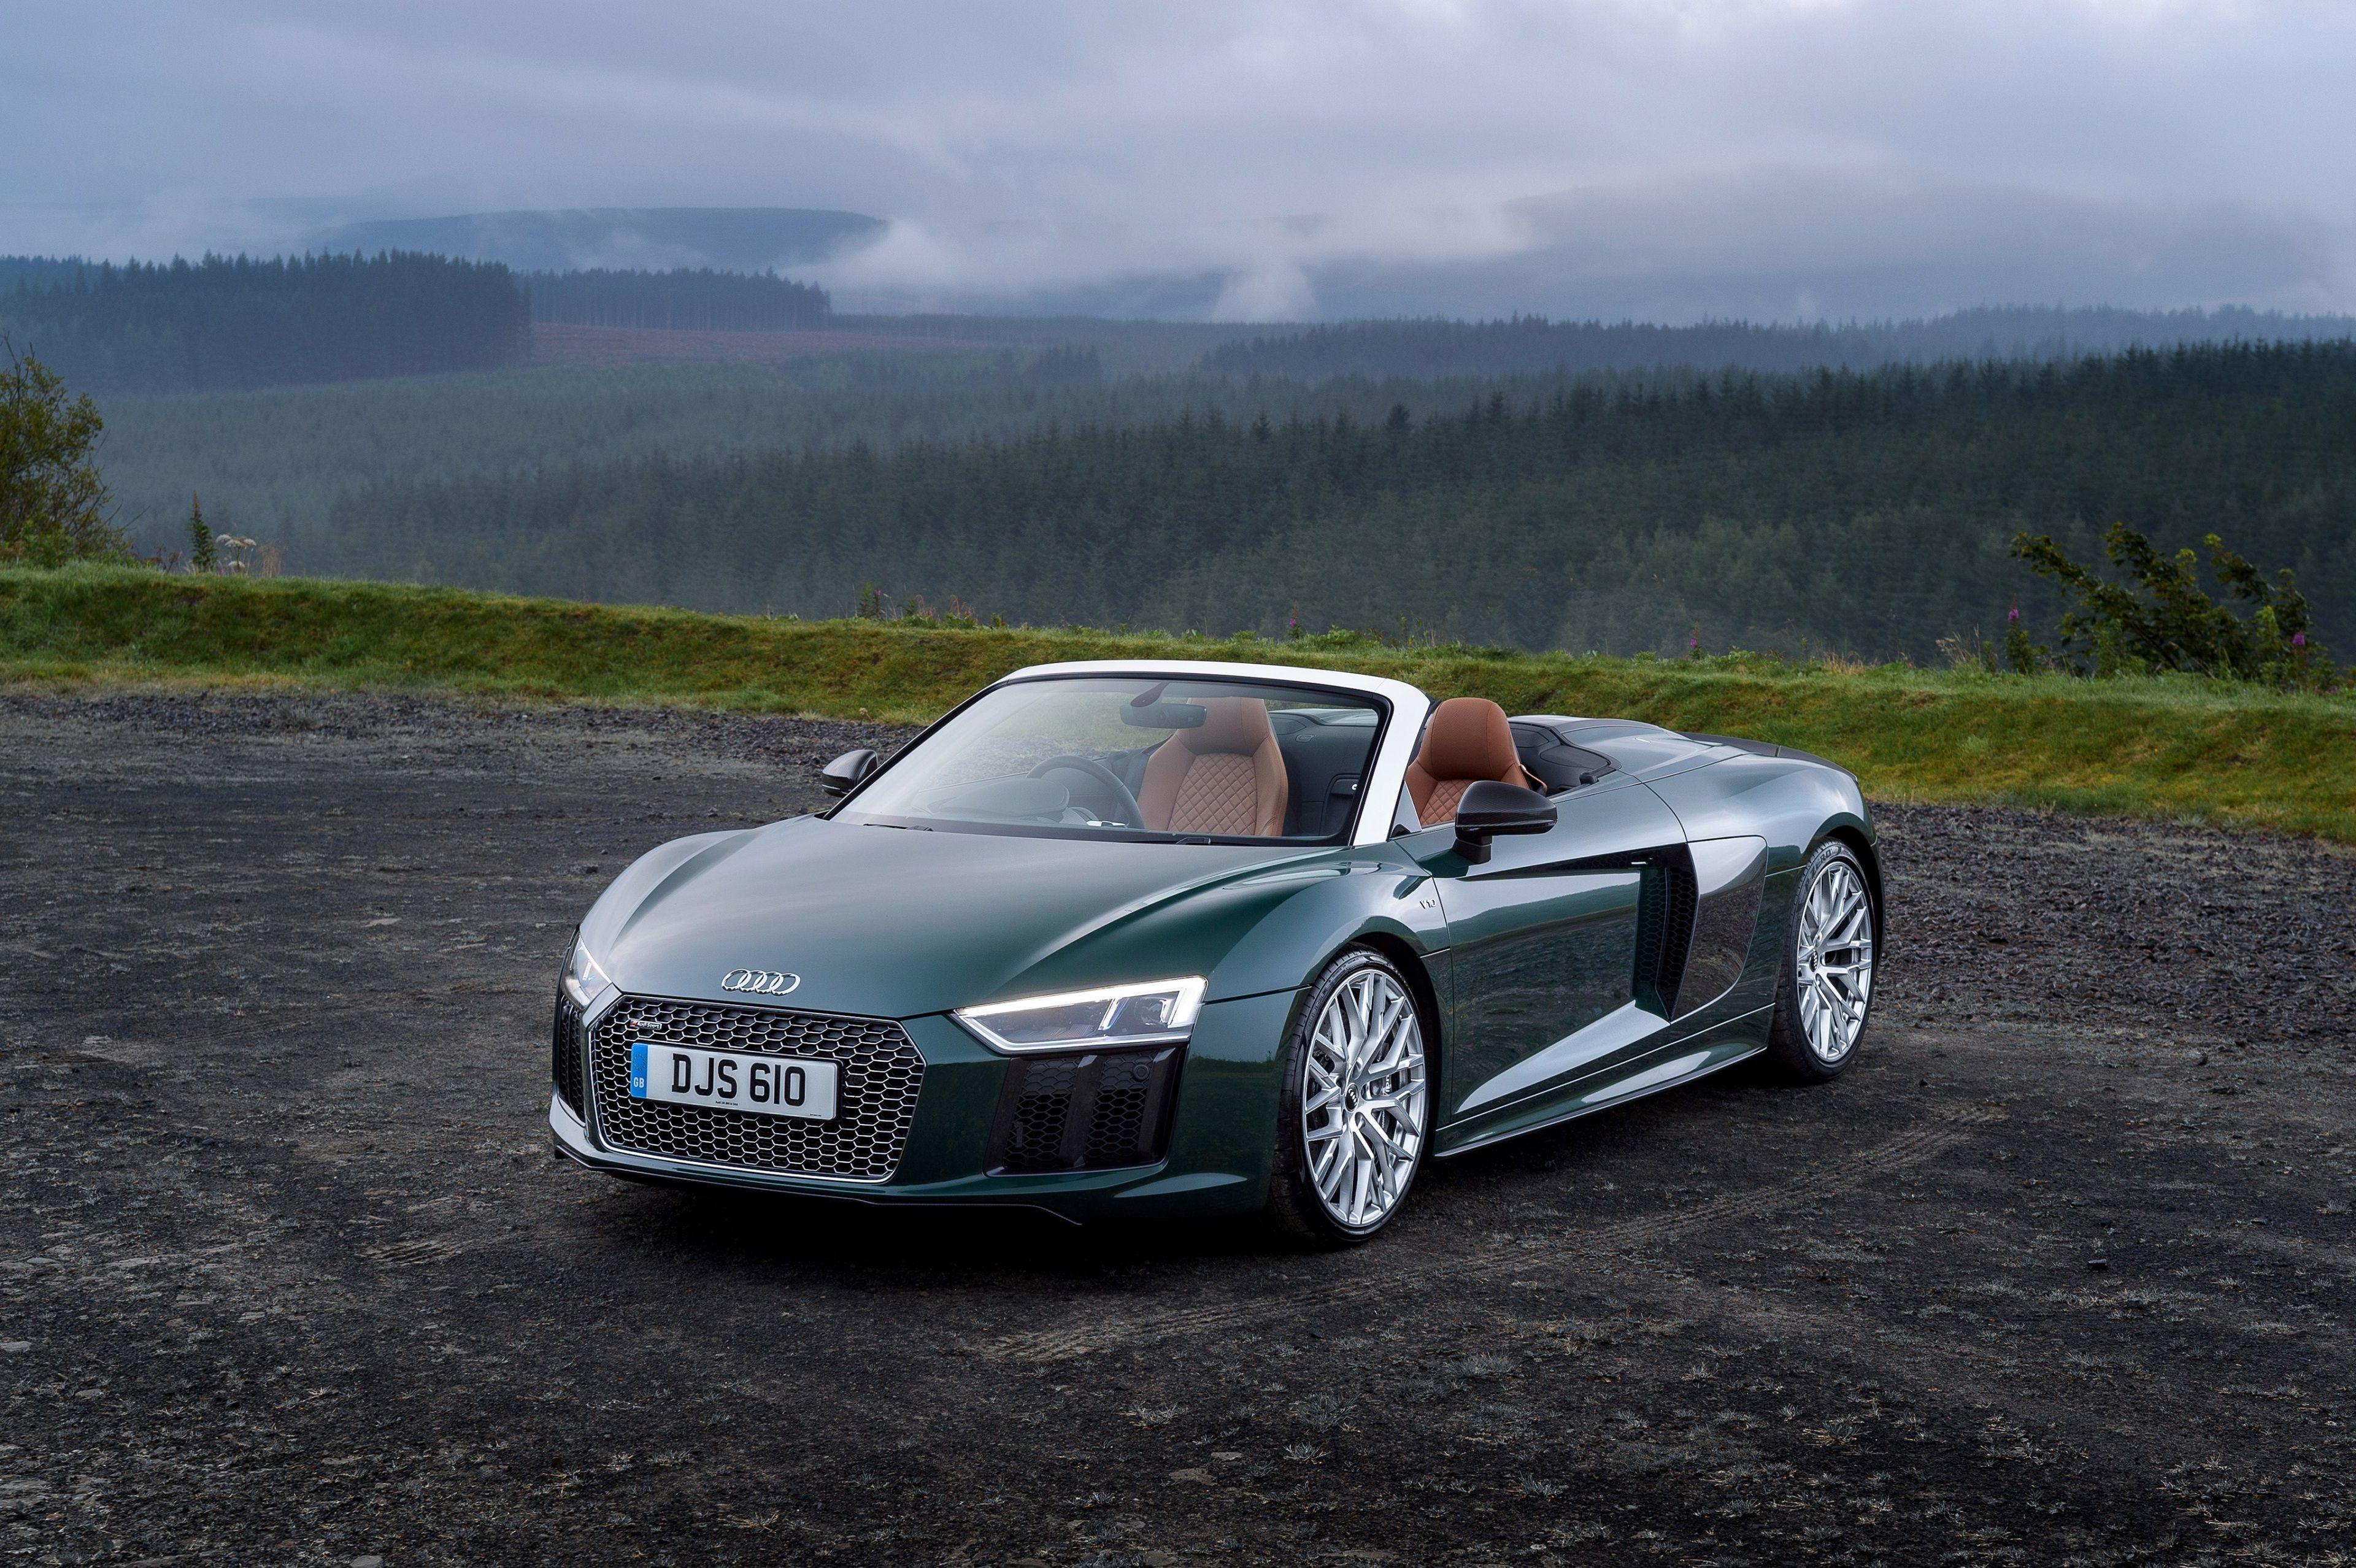 «Спортивная экзотика»: обзор Audi R8 Spyder V10 1